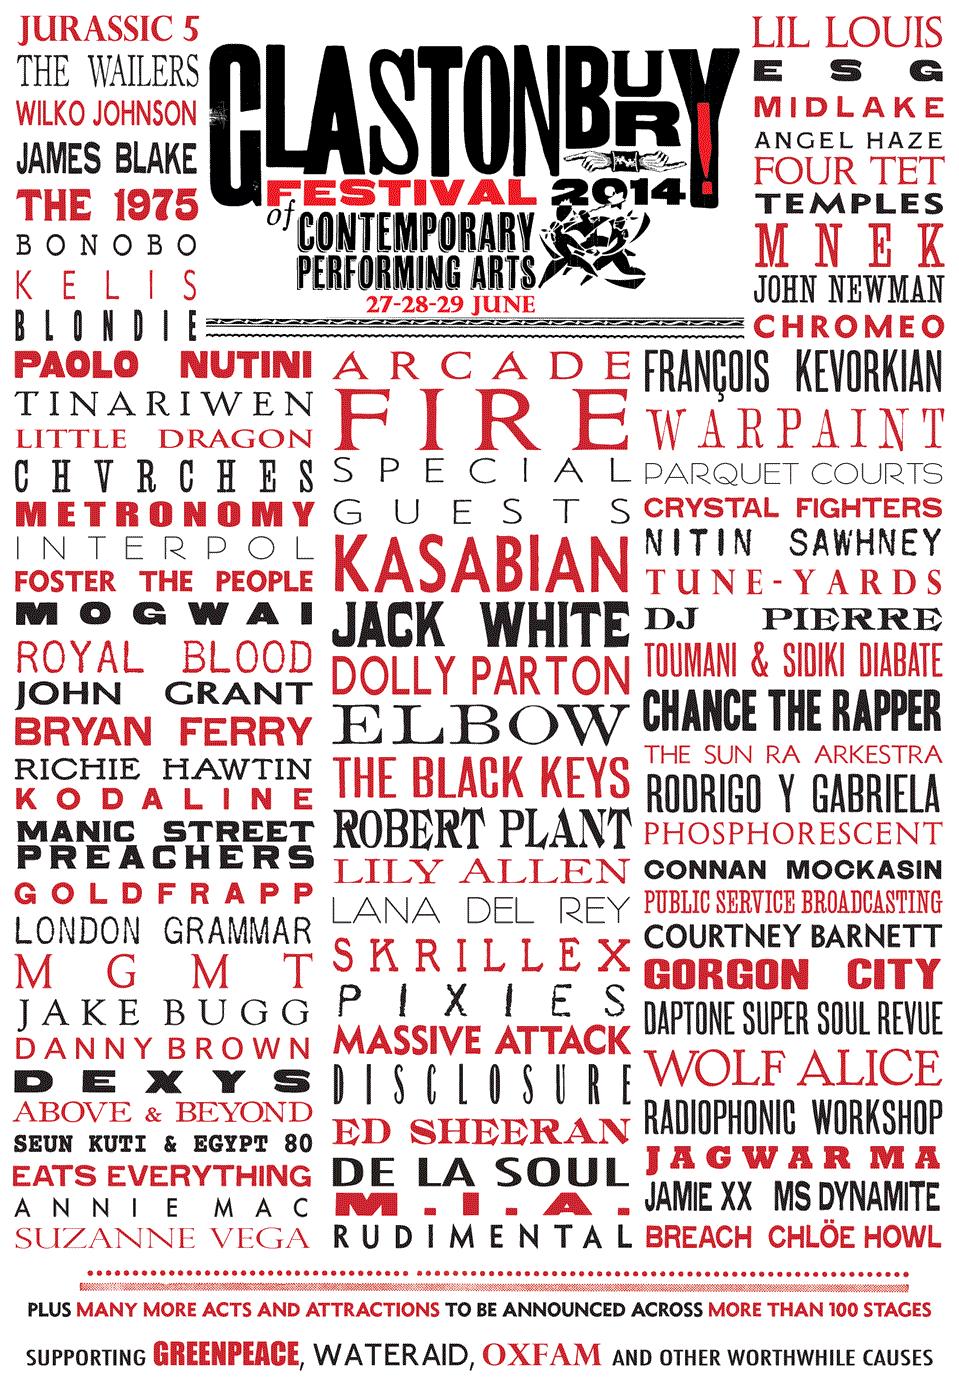 El cartel del Glastonbury 2014 es caviar de primera calidad